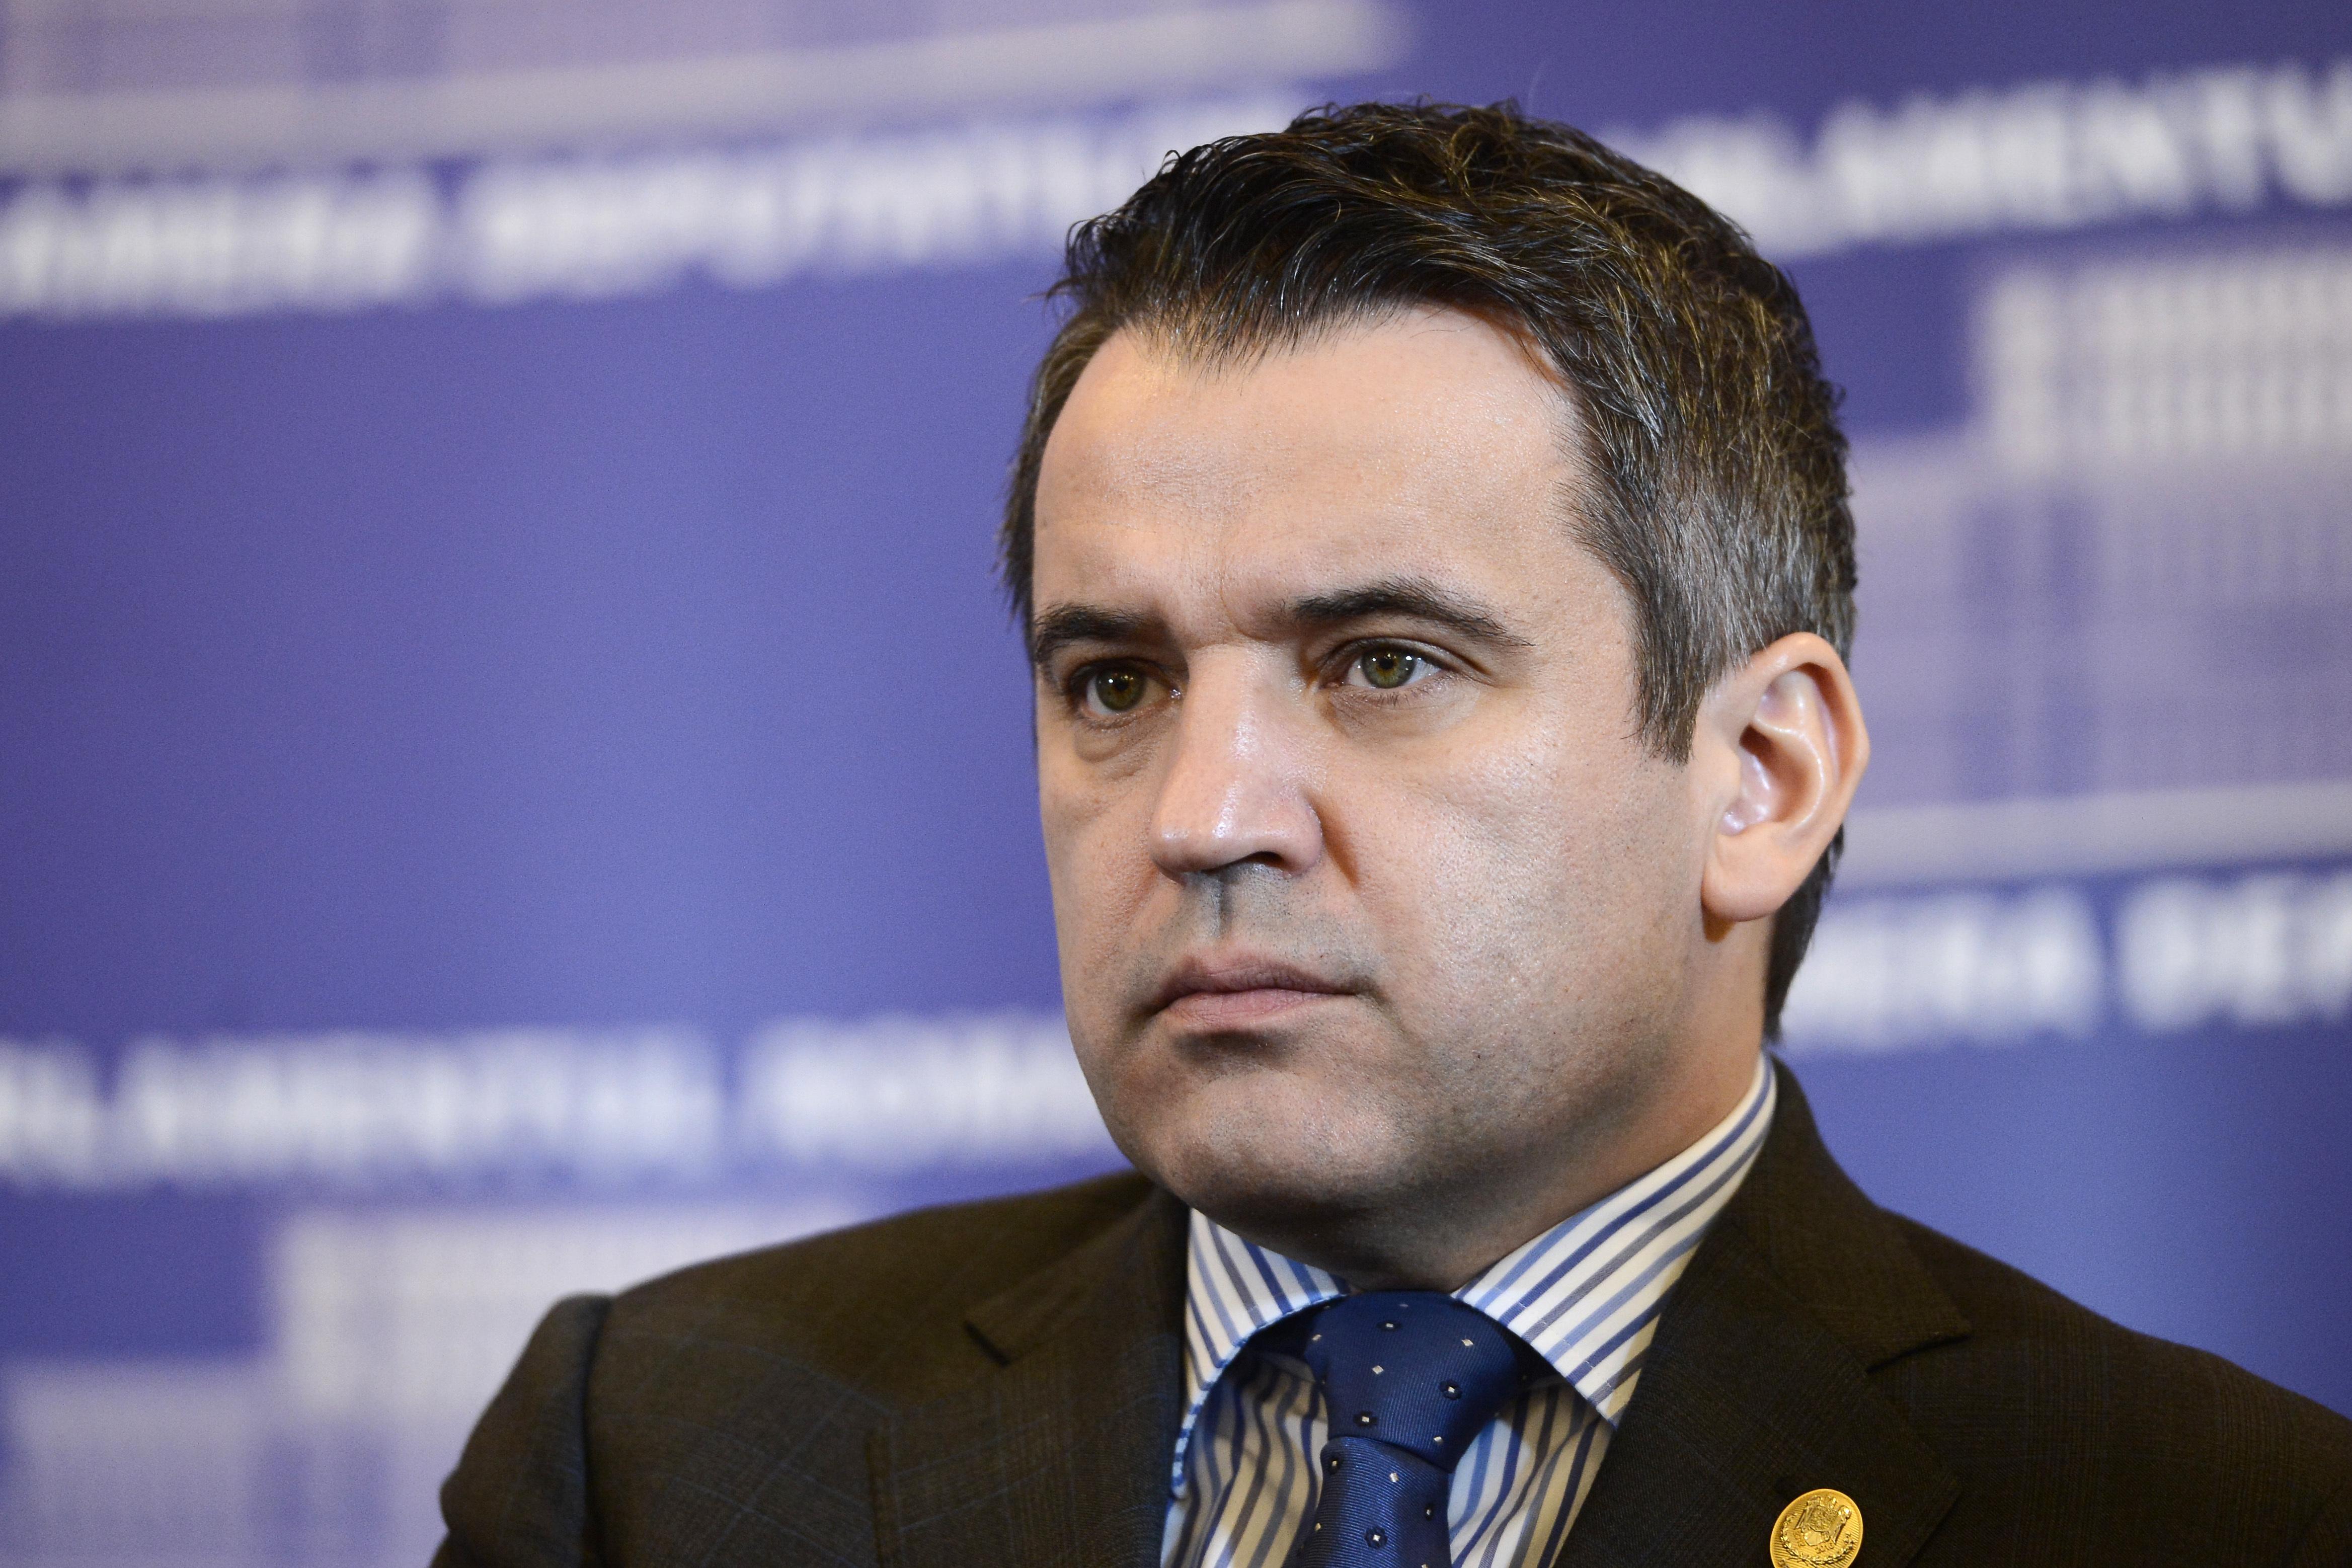 Un deputat traseist, atac la Marian Oprisan. Legatura dintre presedintele CJ Vrancea si